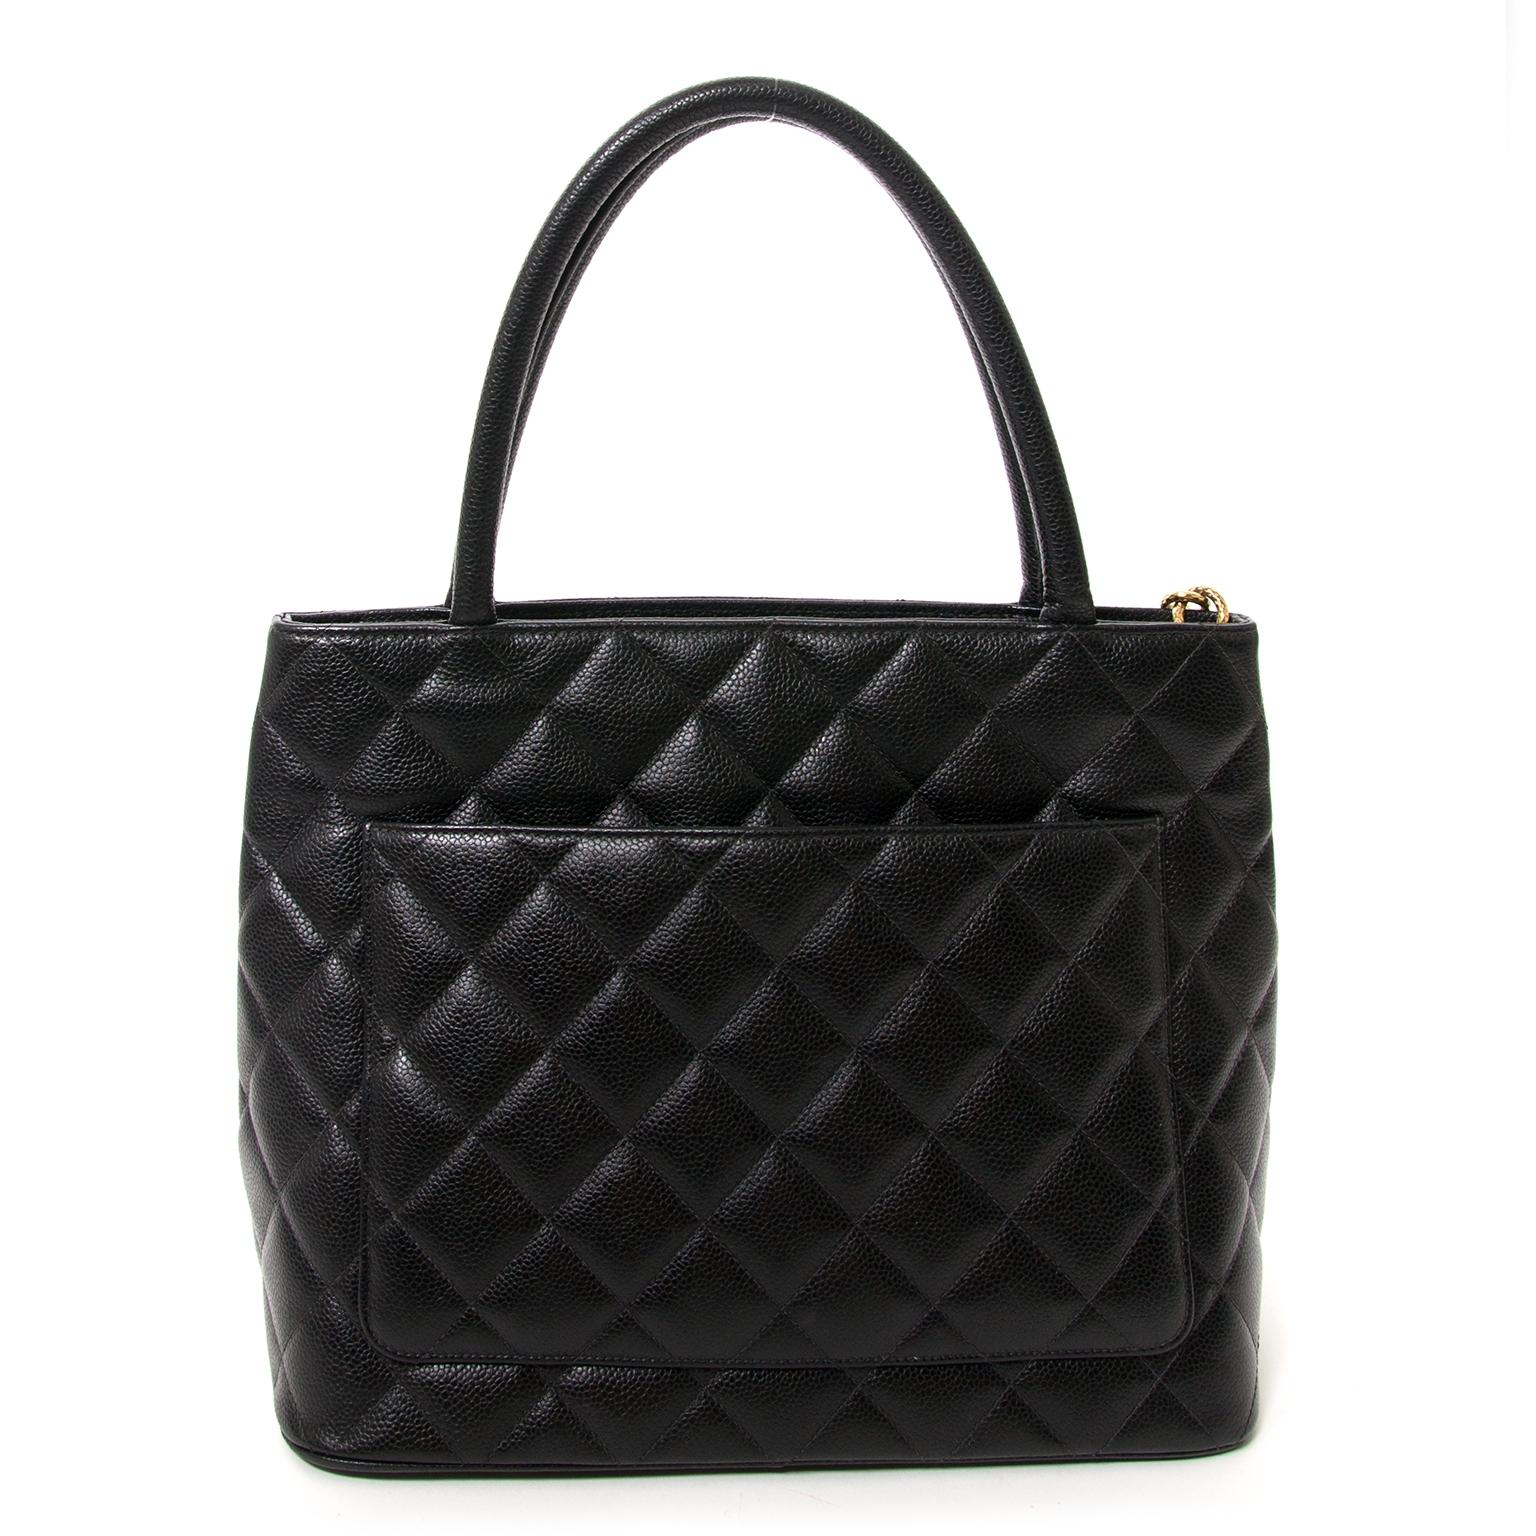 76722348520c ... chanel grand cc classic black shopper now for sale at labellov vintage  webshop belgium